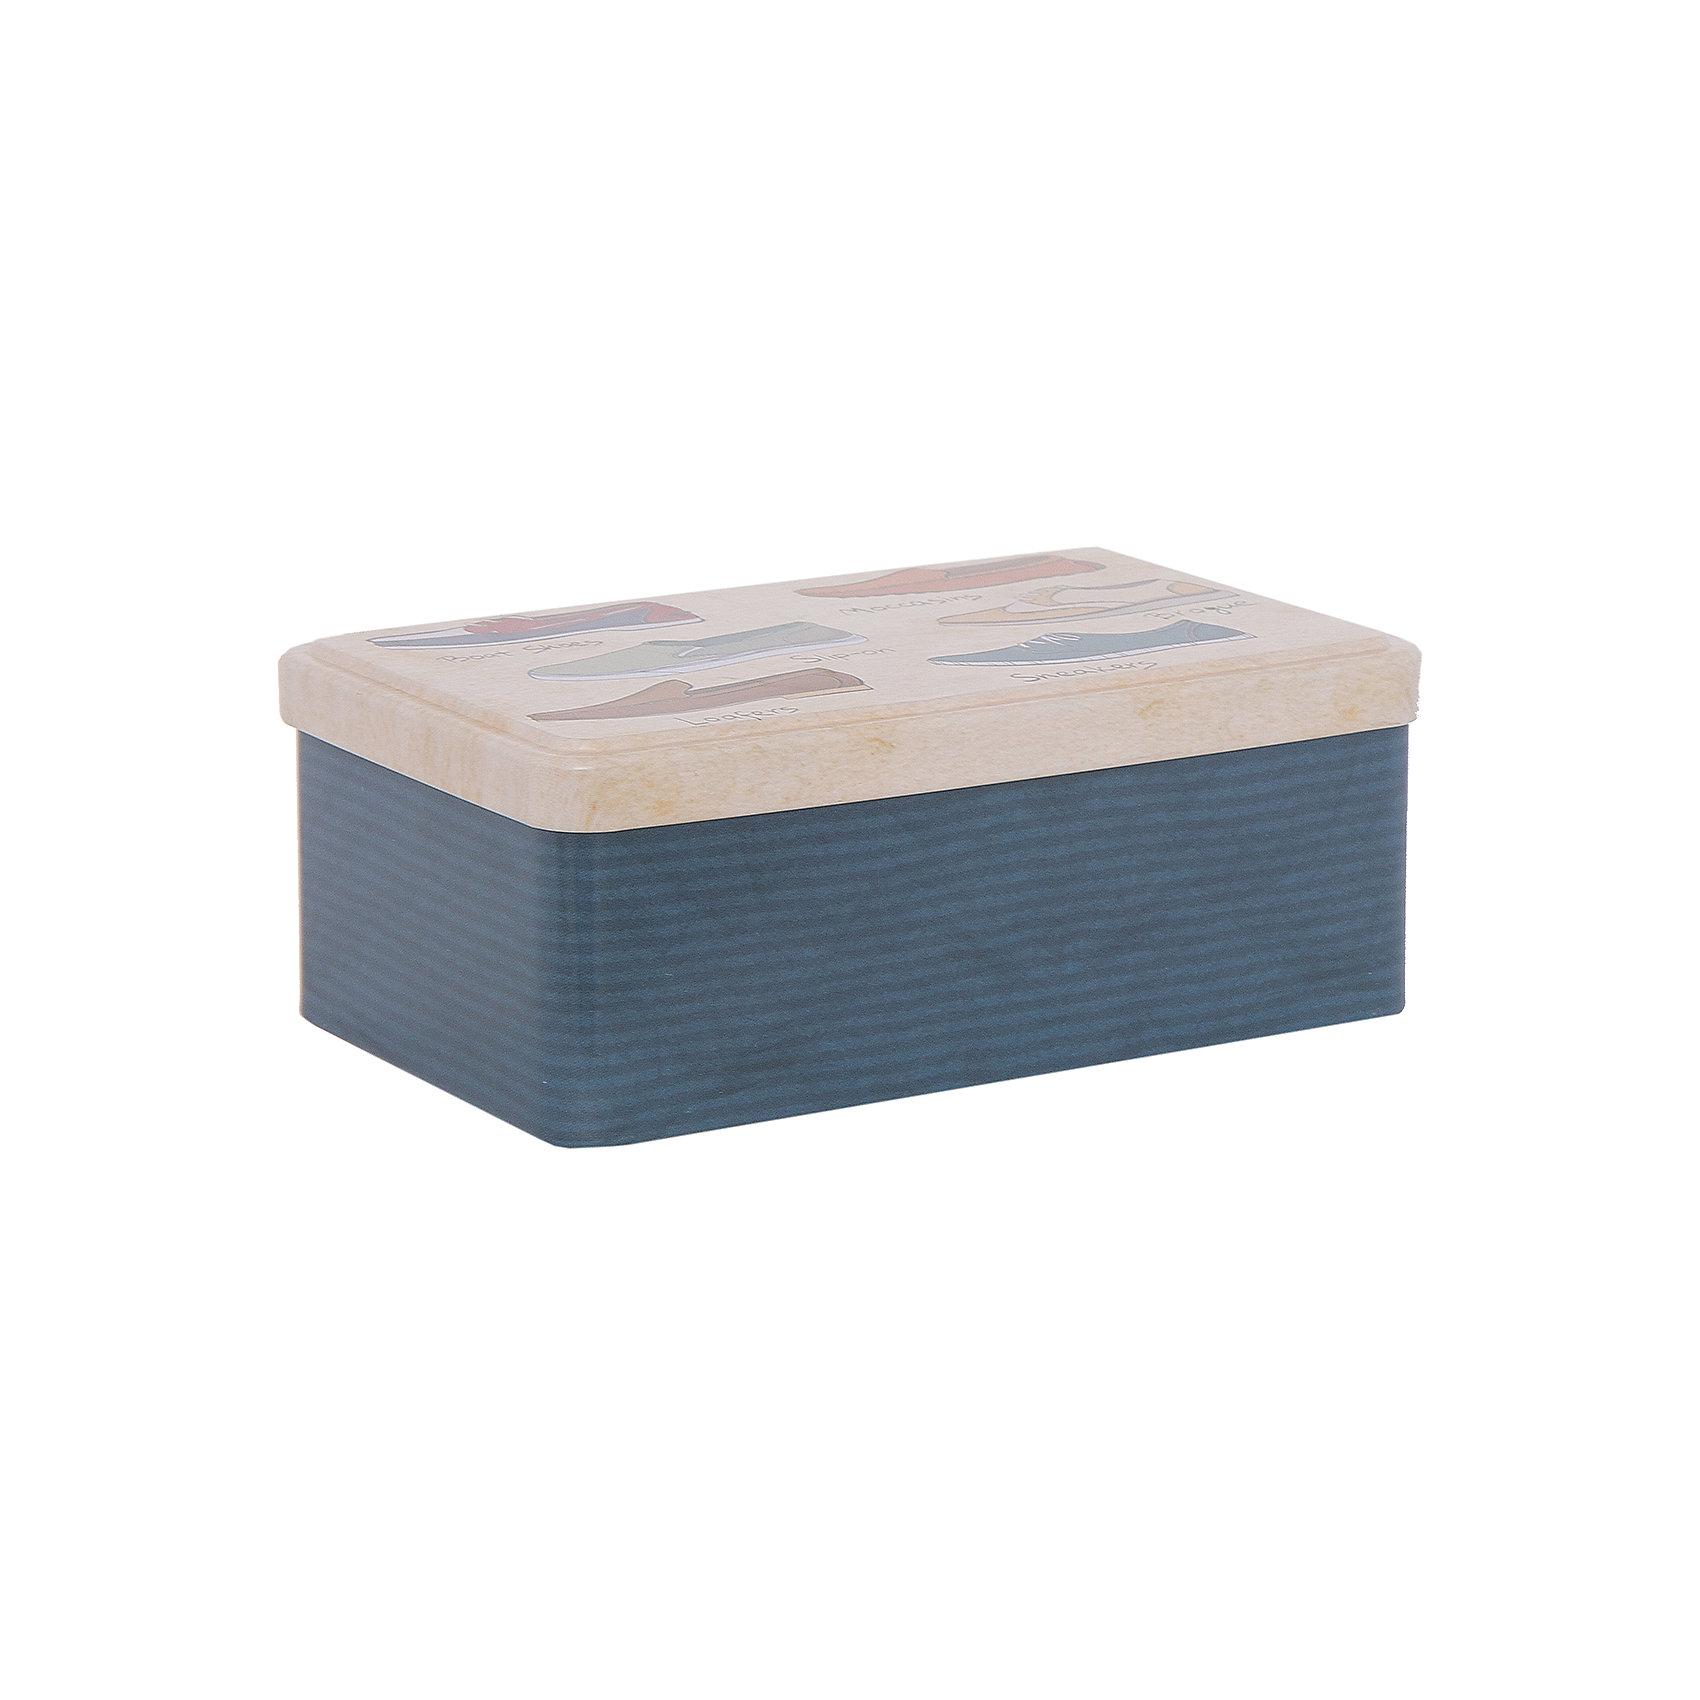 Набор д/ухода за обувью арт.40920, Magic HomeДорожный набор для ухода за обувью комплектуется четырьмя предметами, хранится в жестяной коробочке с крышкой. Крышка декорирована рисунком «Обувь». Набор можно брать с собой в дорогу, хранить в машине или использовать дома. <br><br>Дополнительная информация:<br><br>Размер контейнера с крышкой: 18,4х11,5х7,2 см<br><br>Материал контейнера: металл<br>Материал щеток: синтетический ворс, 100% полиэстер<br><br>Комплектация набора для ухода за обувью:<br><br>• щетка малая, <br>• щетка средняя, <br>• крем д/обуви на основе парафина (бесцветный), <br>• рожок д/обуви из нержавеющей стали,<br>• контейнер с крышкой.<br><br>Набор д/ухода за обувью арт.40920, Magic Home можно купить в нашем интернет-магазине.<br><br>Ширина мм: 190<br>Глубина мм: 80<br>Высота мм: 120<br>Вес г: 354<br>Возраст от месяцев: 216<br>Возраст до месяцев: 1200<br>Пол: Унисекс<br>Возраст: Детский<br>SKU: 5030484